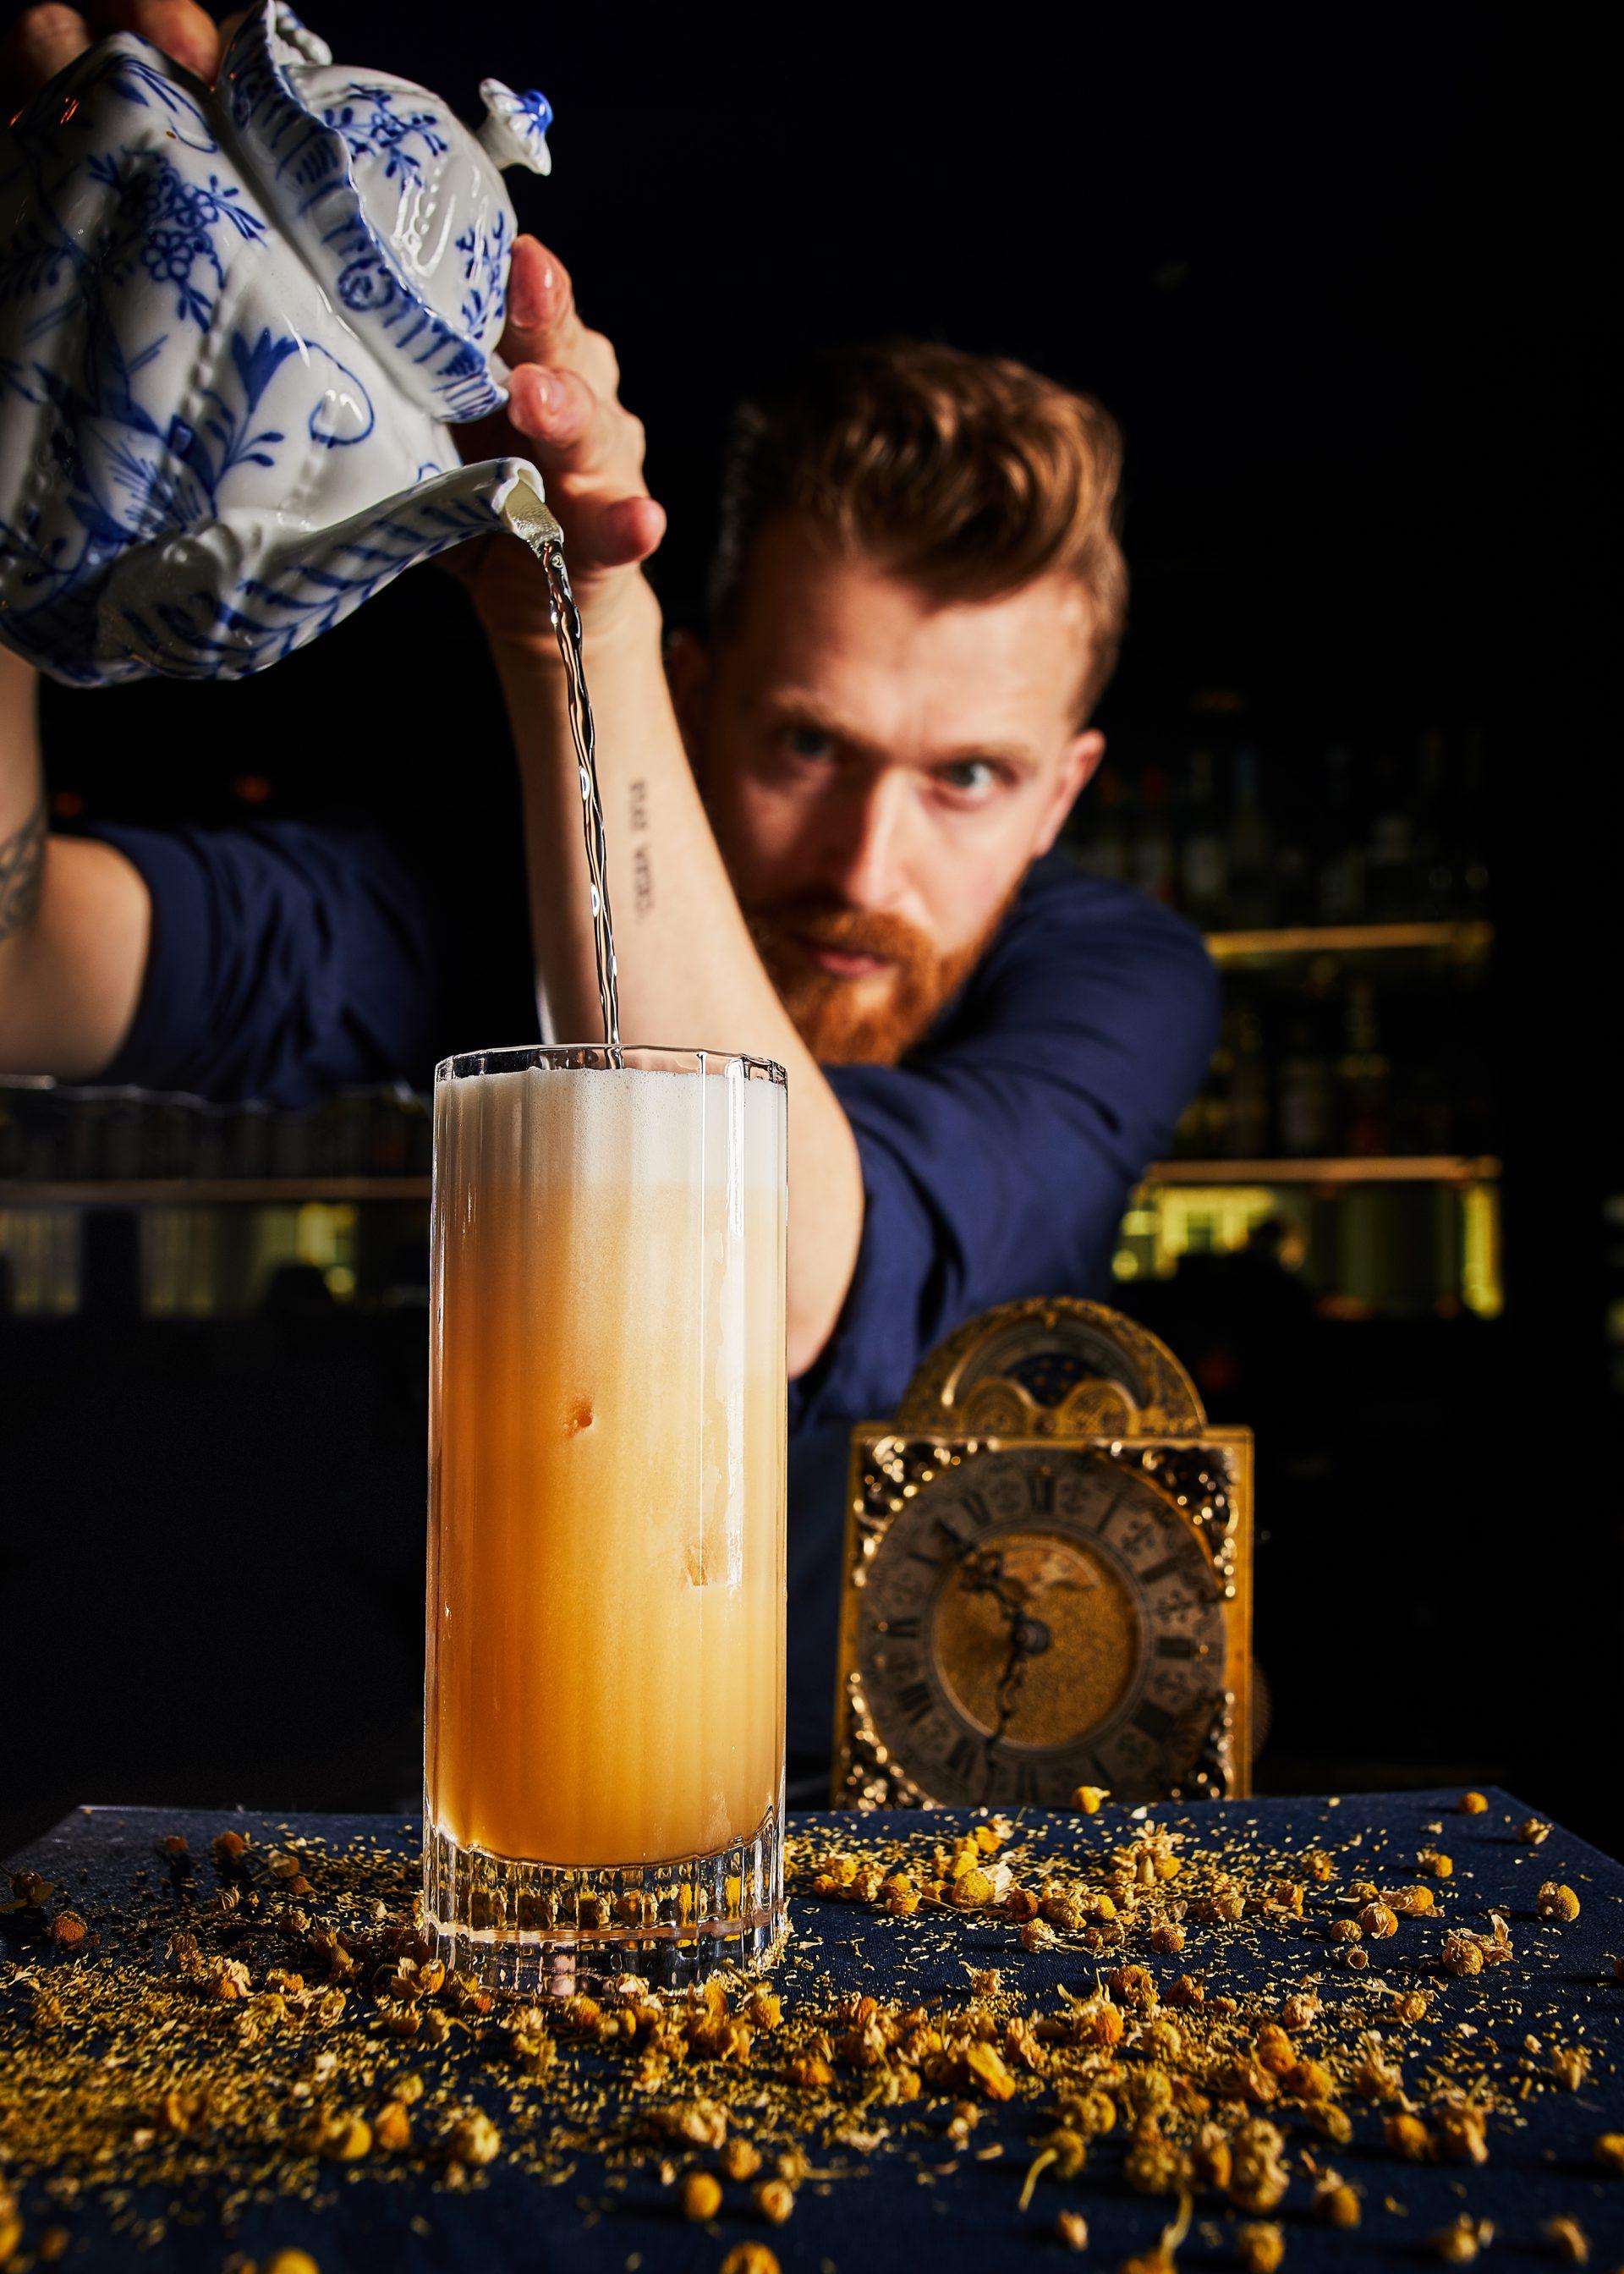 Bluespoon_Team_ Martin_Eisma_Tea-Time-Fizz-Cocktail-Teapot